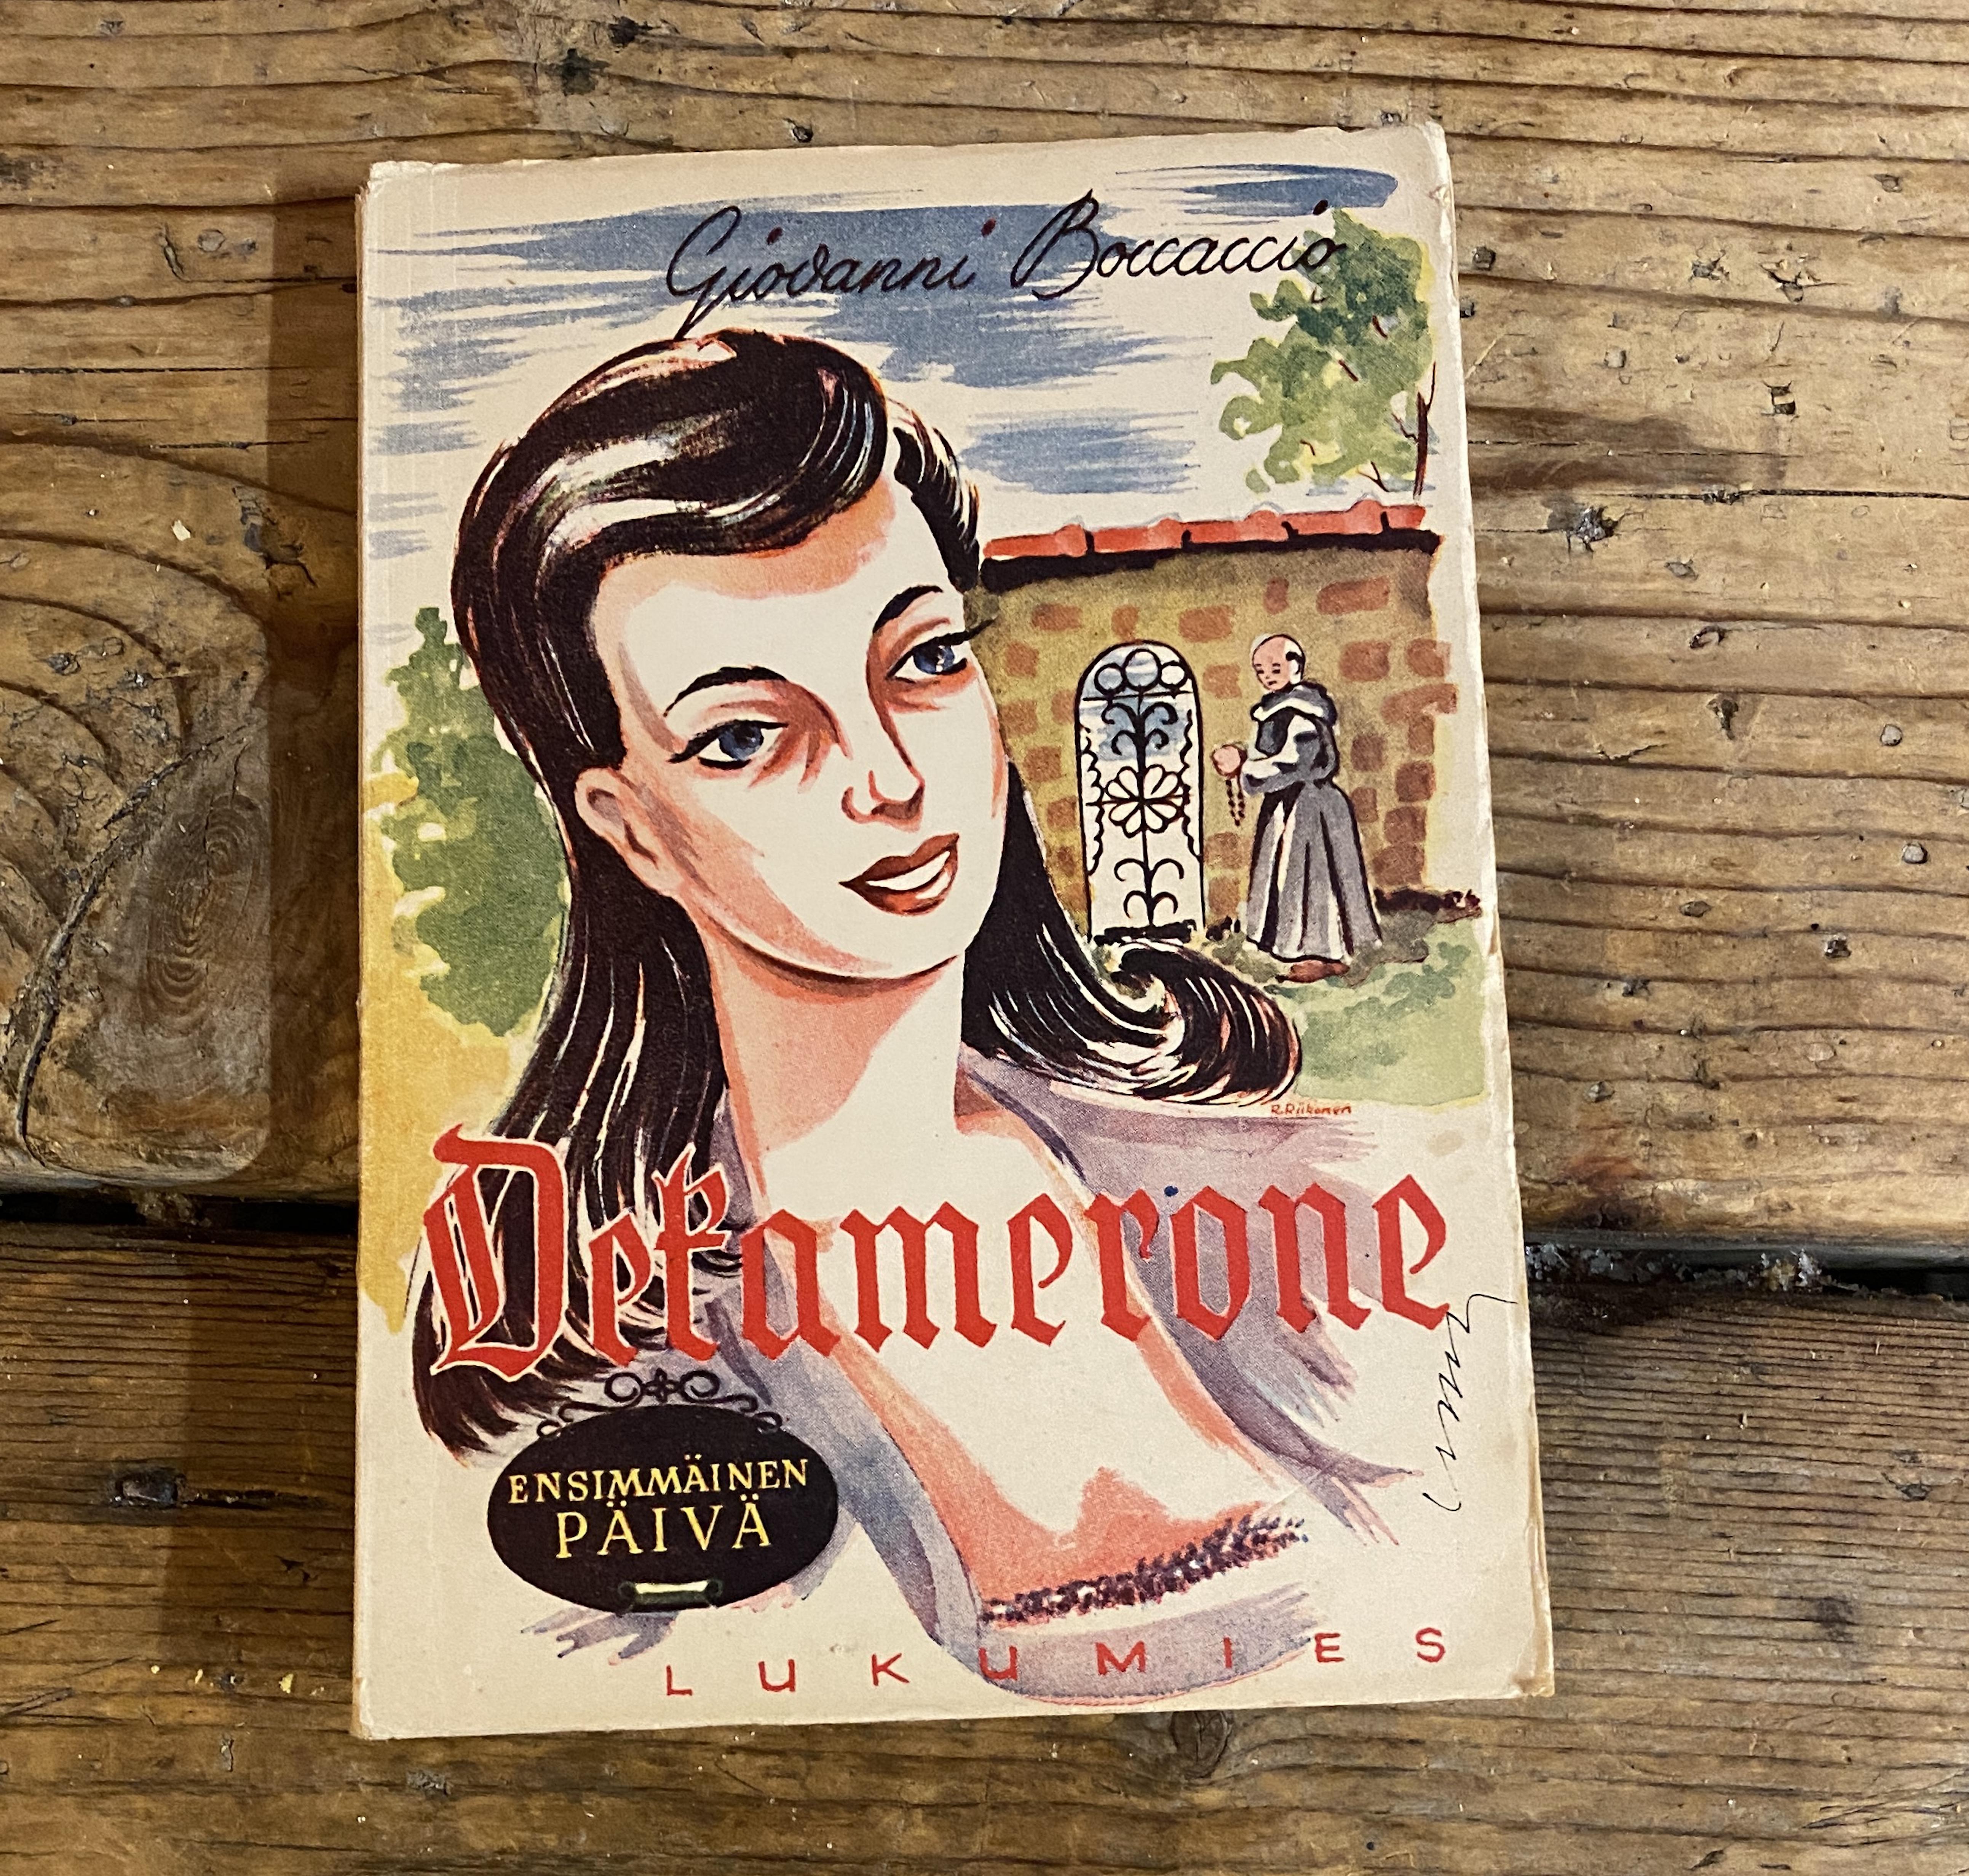 Decamerone - ensimmäinen päivä - Boccaccio Giovanni kirja (2nd hand)